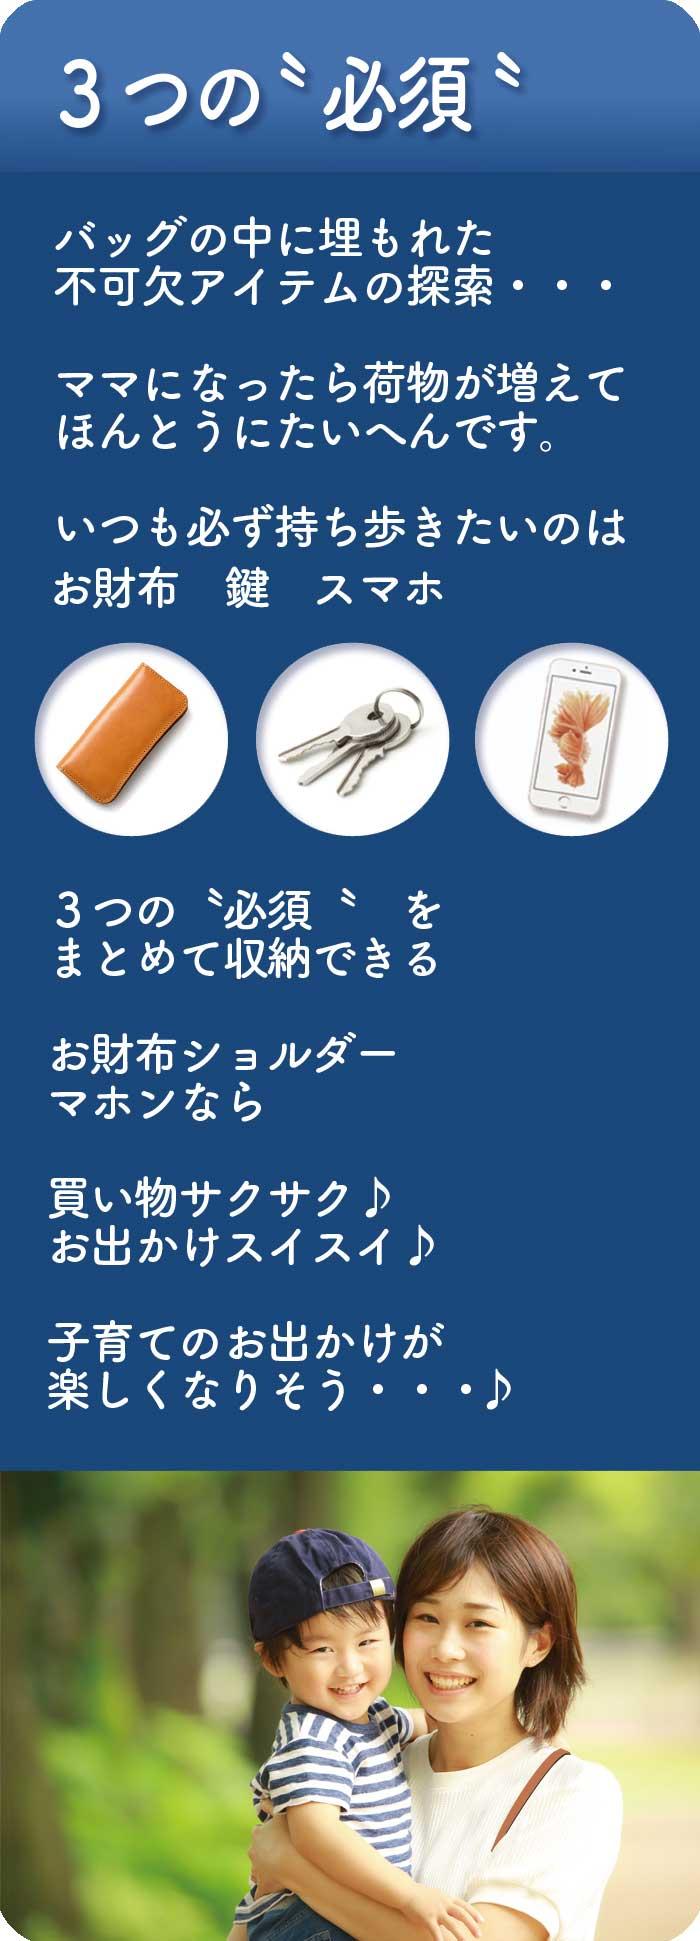 3 Tu hissuu02 - お財布ショルダーマホン(9月発送分予約開始)